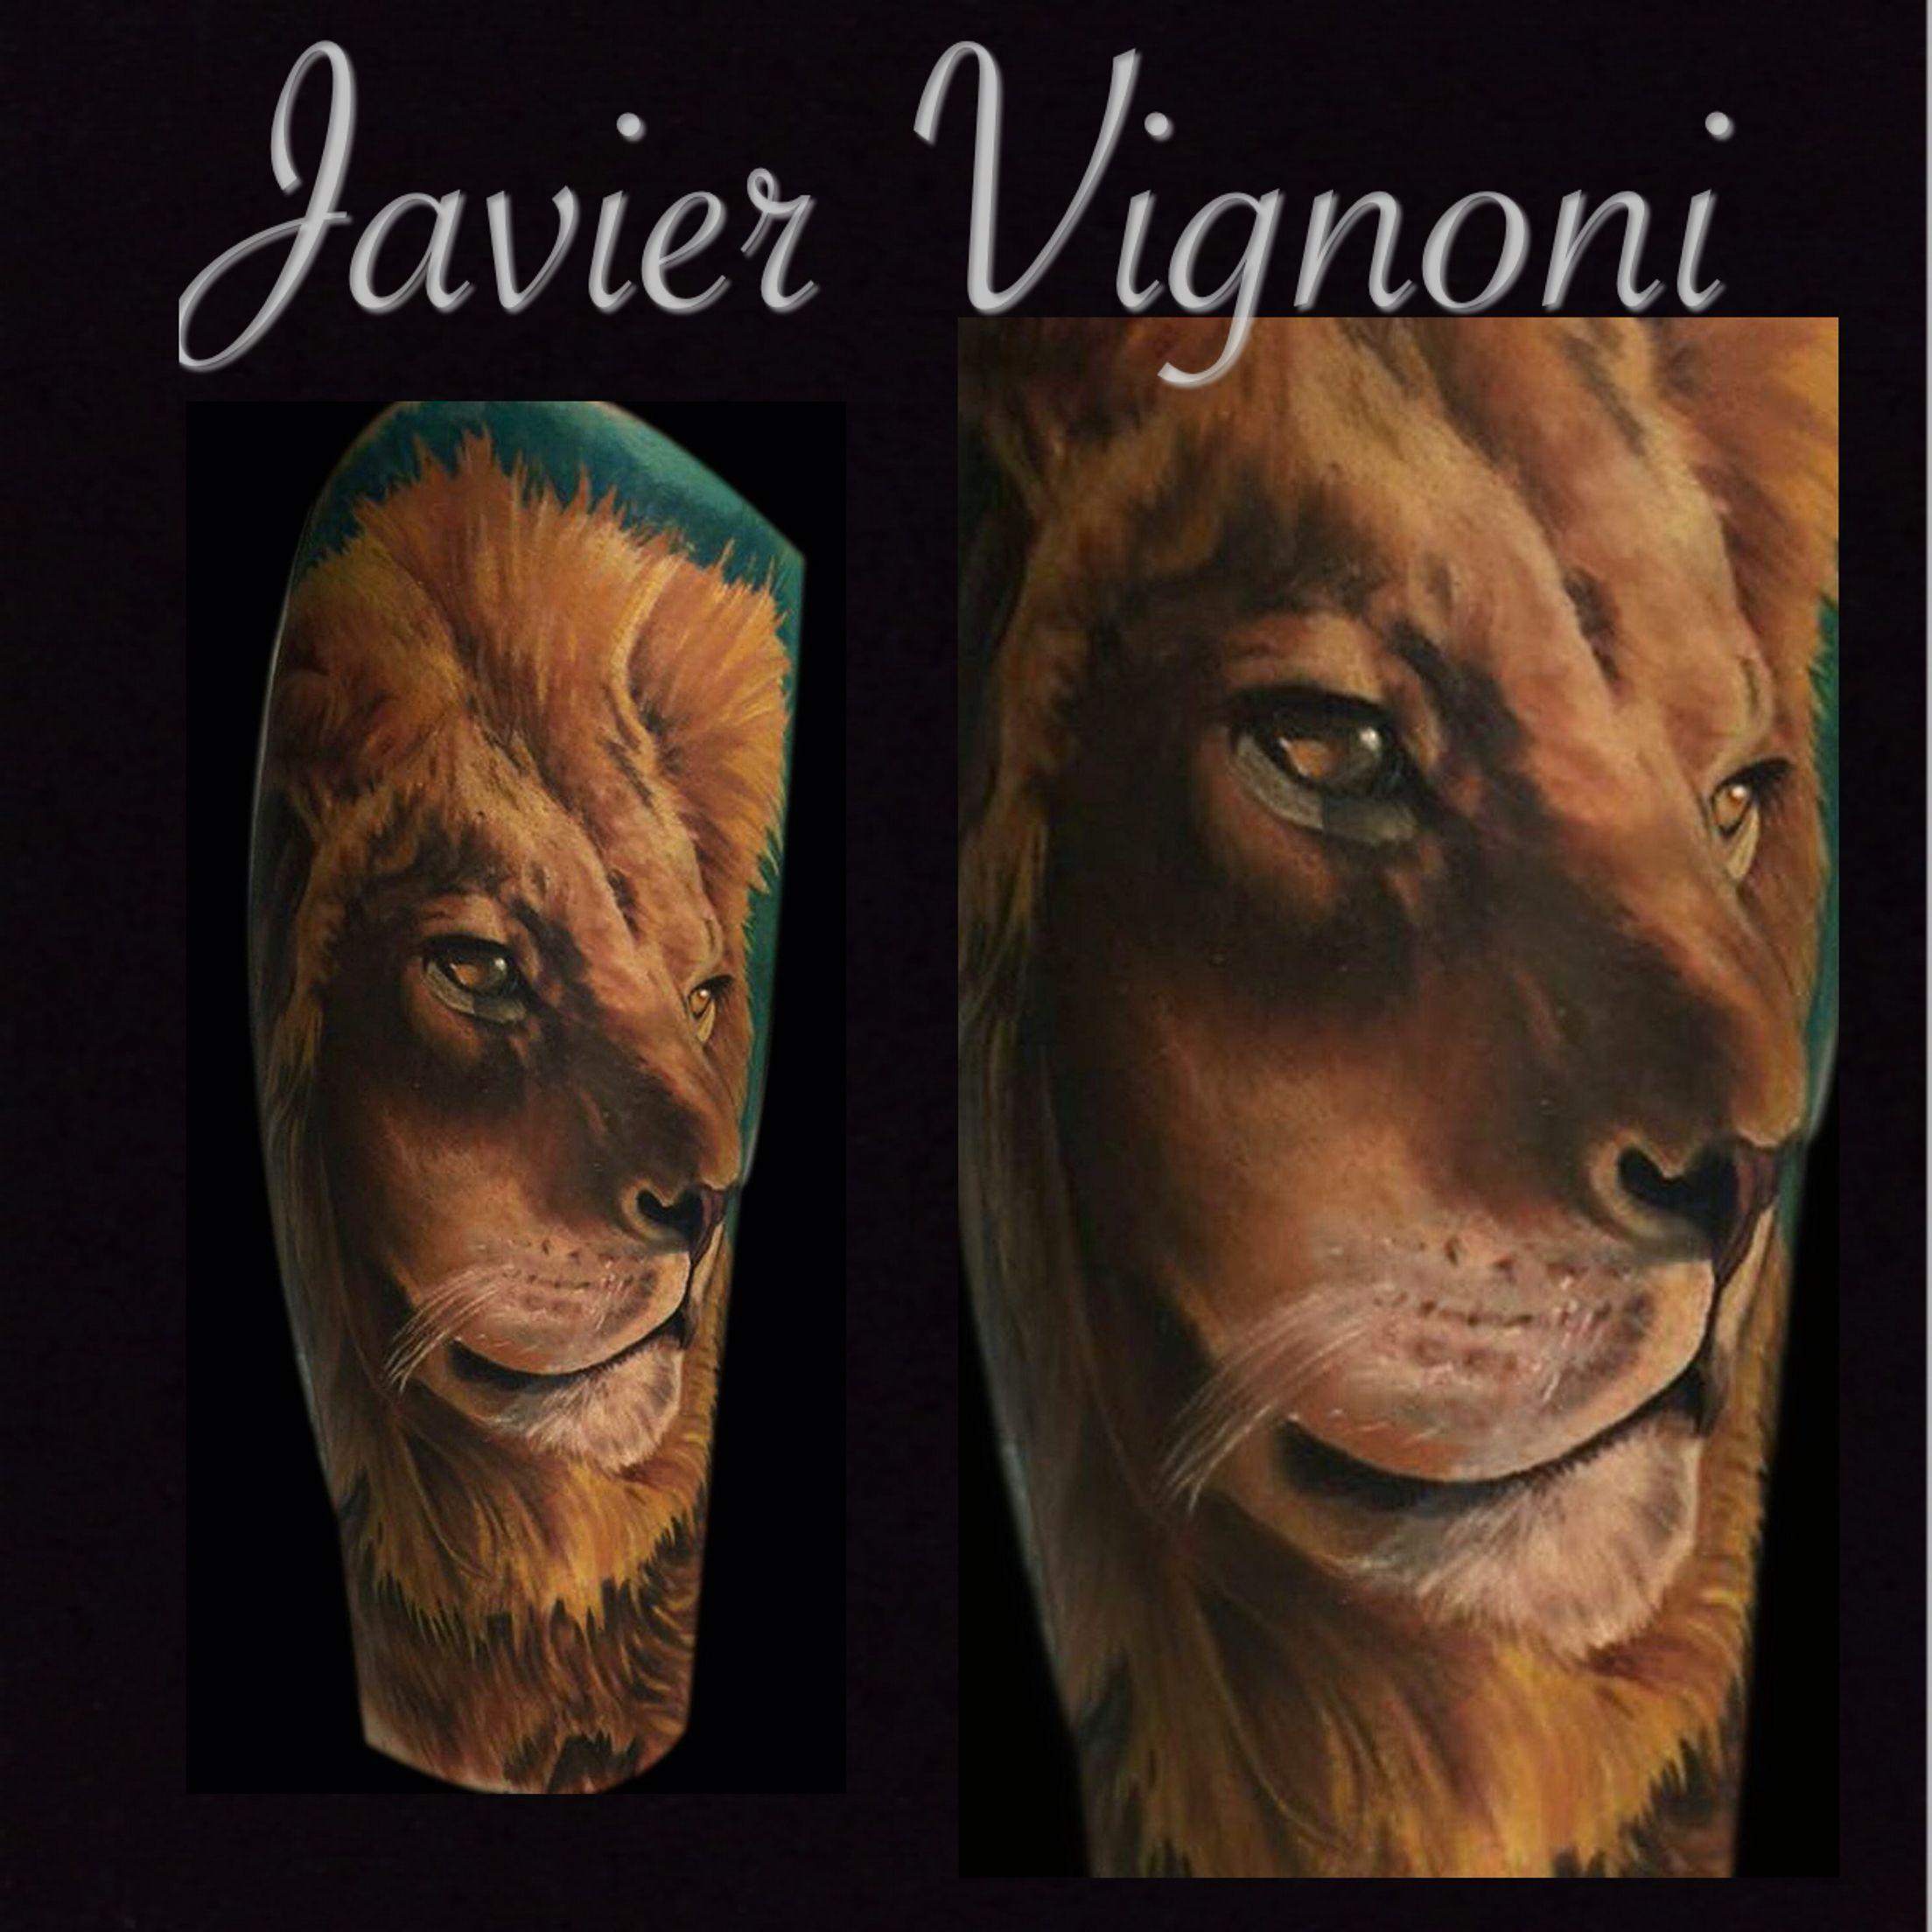 #León #Realismo #Lion #Realism #JavierVignoni #Color #BuenosAires #Argentina #Follow